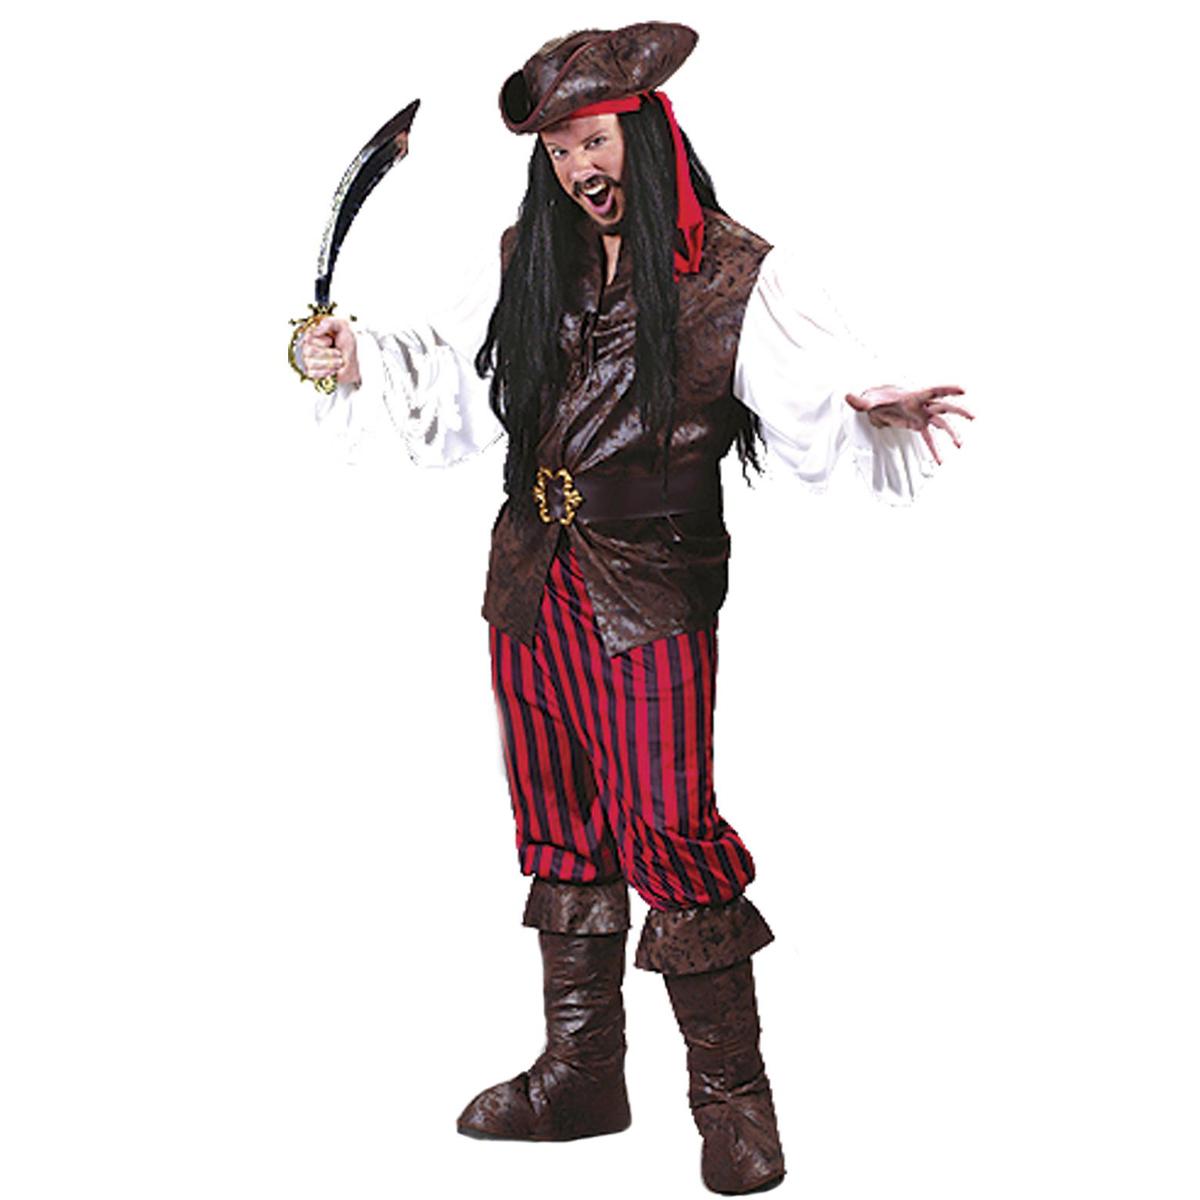 衣装 コスチューム 海賊 大人用ハロウィンコスチュームハロウィン 衣装・コスチューム